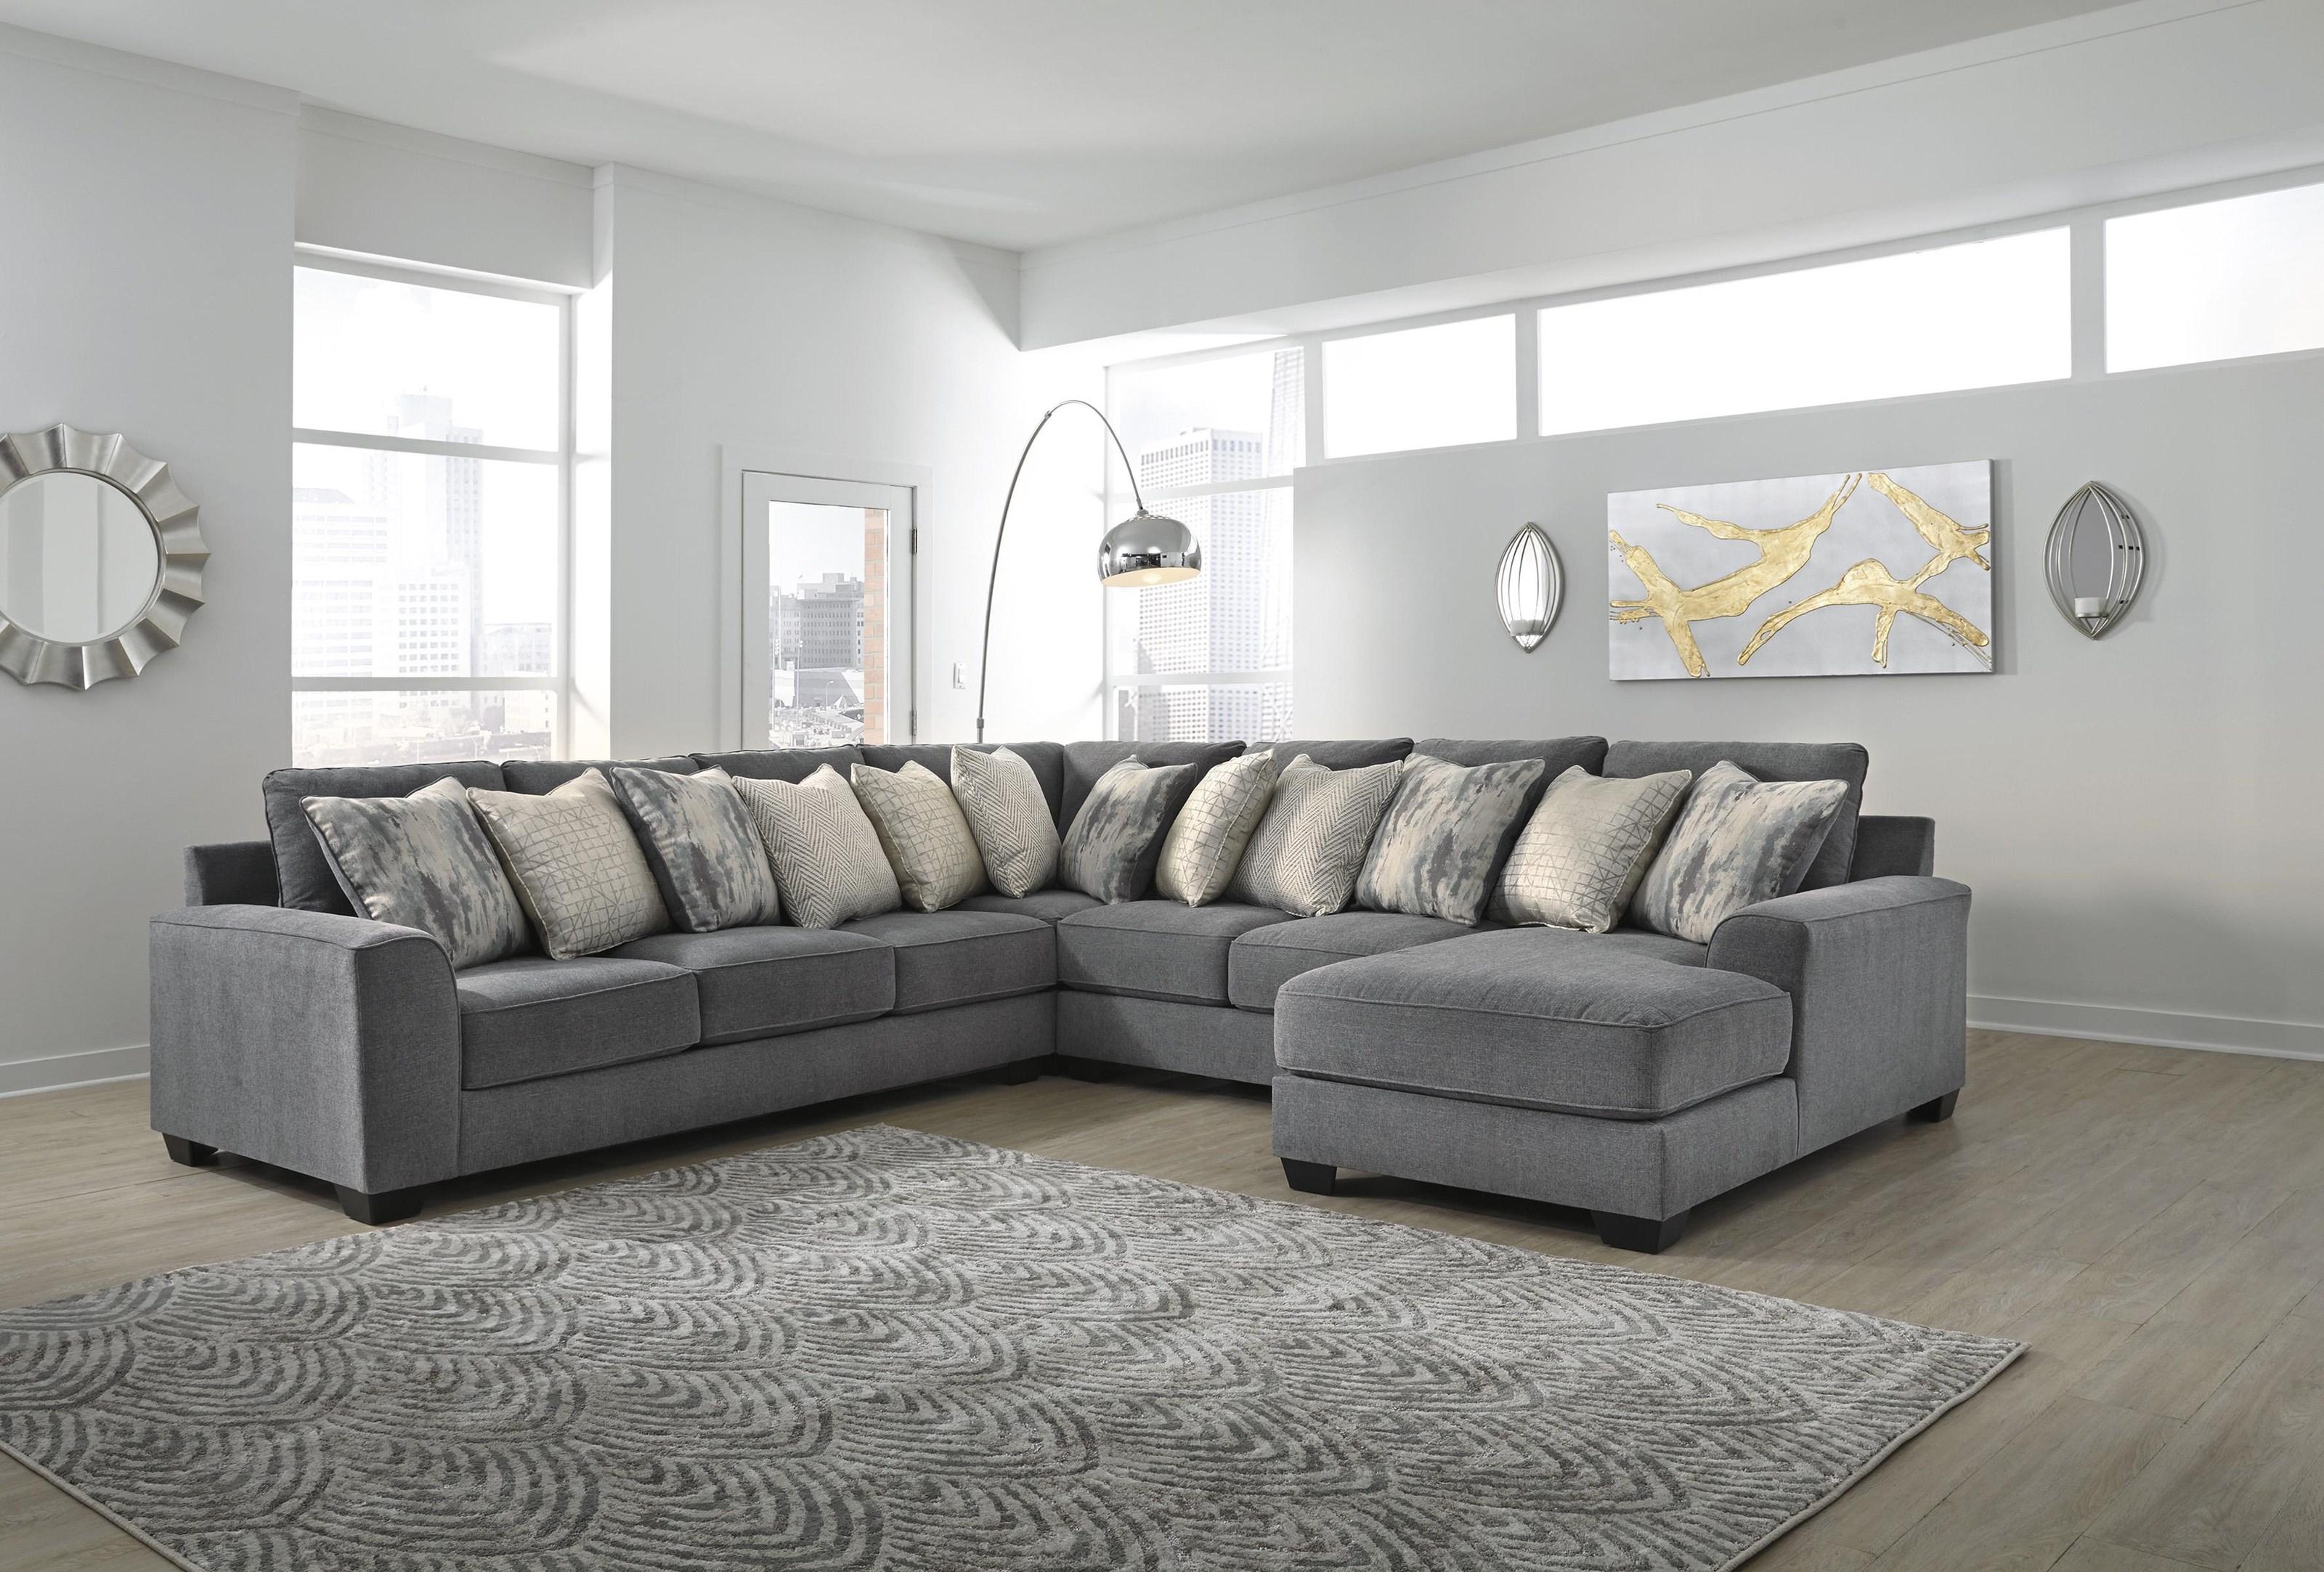 Ashley Furniture Castano 13302 66 77 34